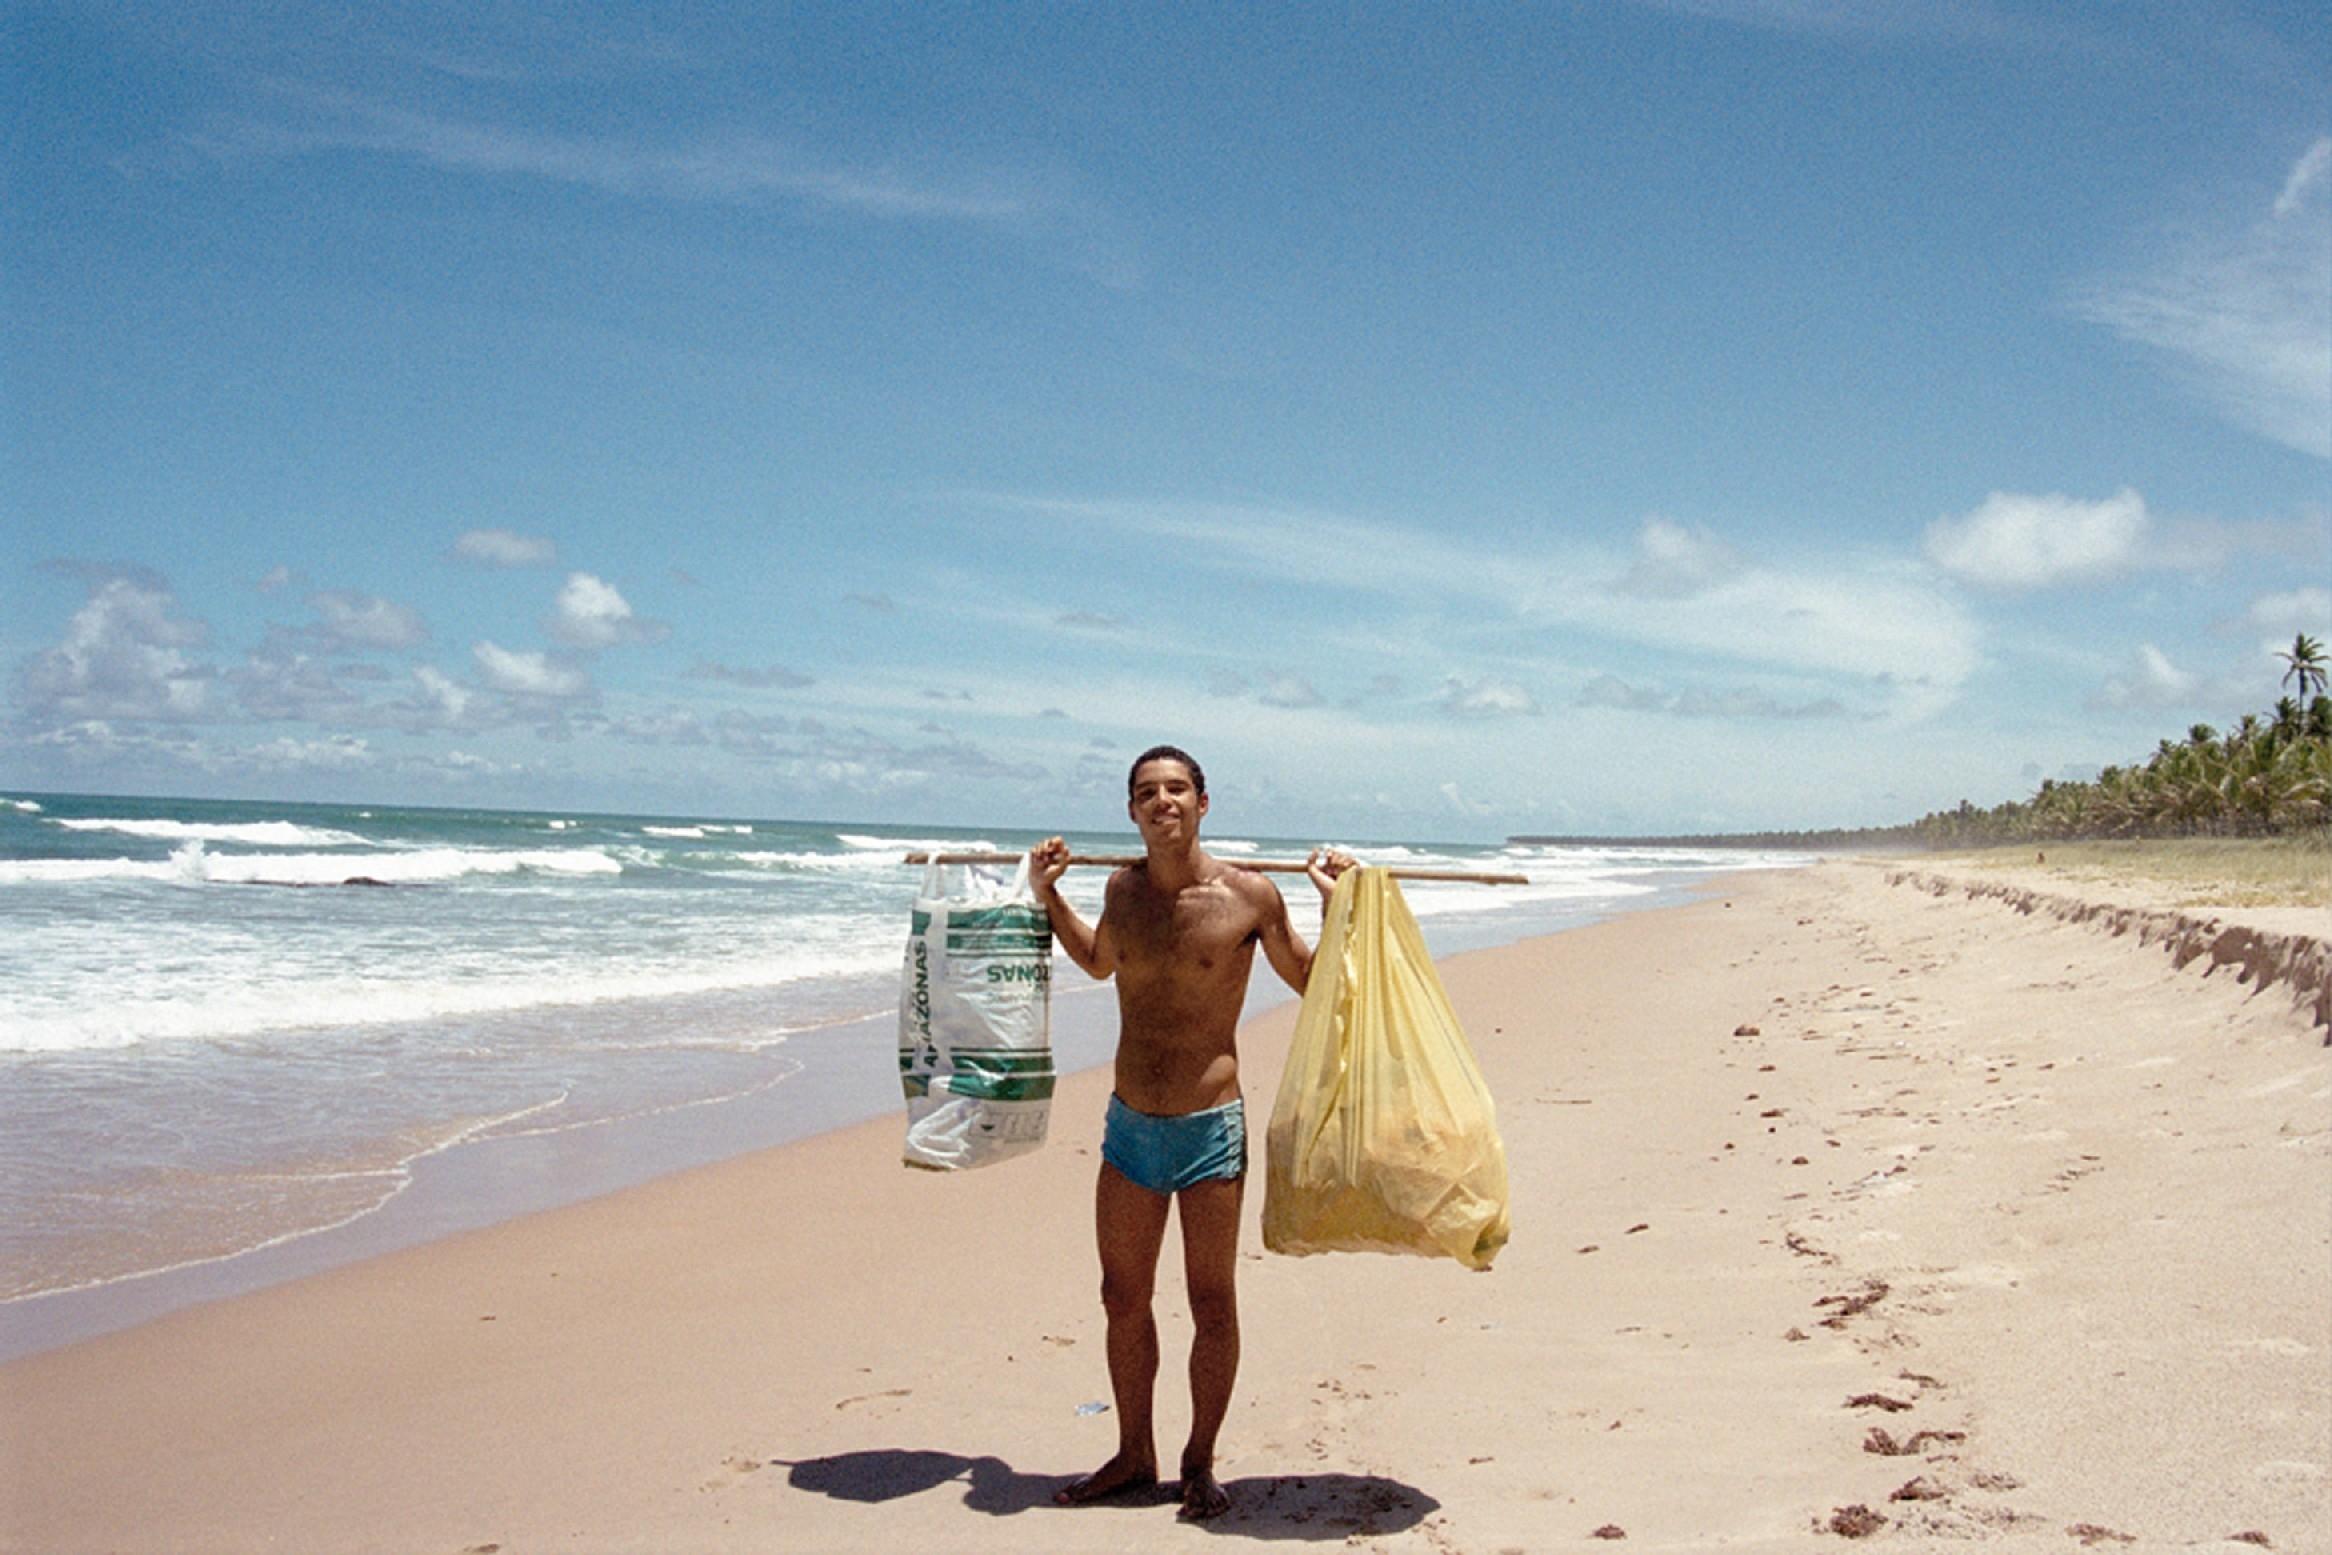 Fabiano Prado Barretto: Fotógrafo e surfista, 40 anos - Fundador da Global Garbage, ONG empenhada em manter limpas as praias brasileiras